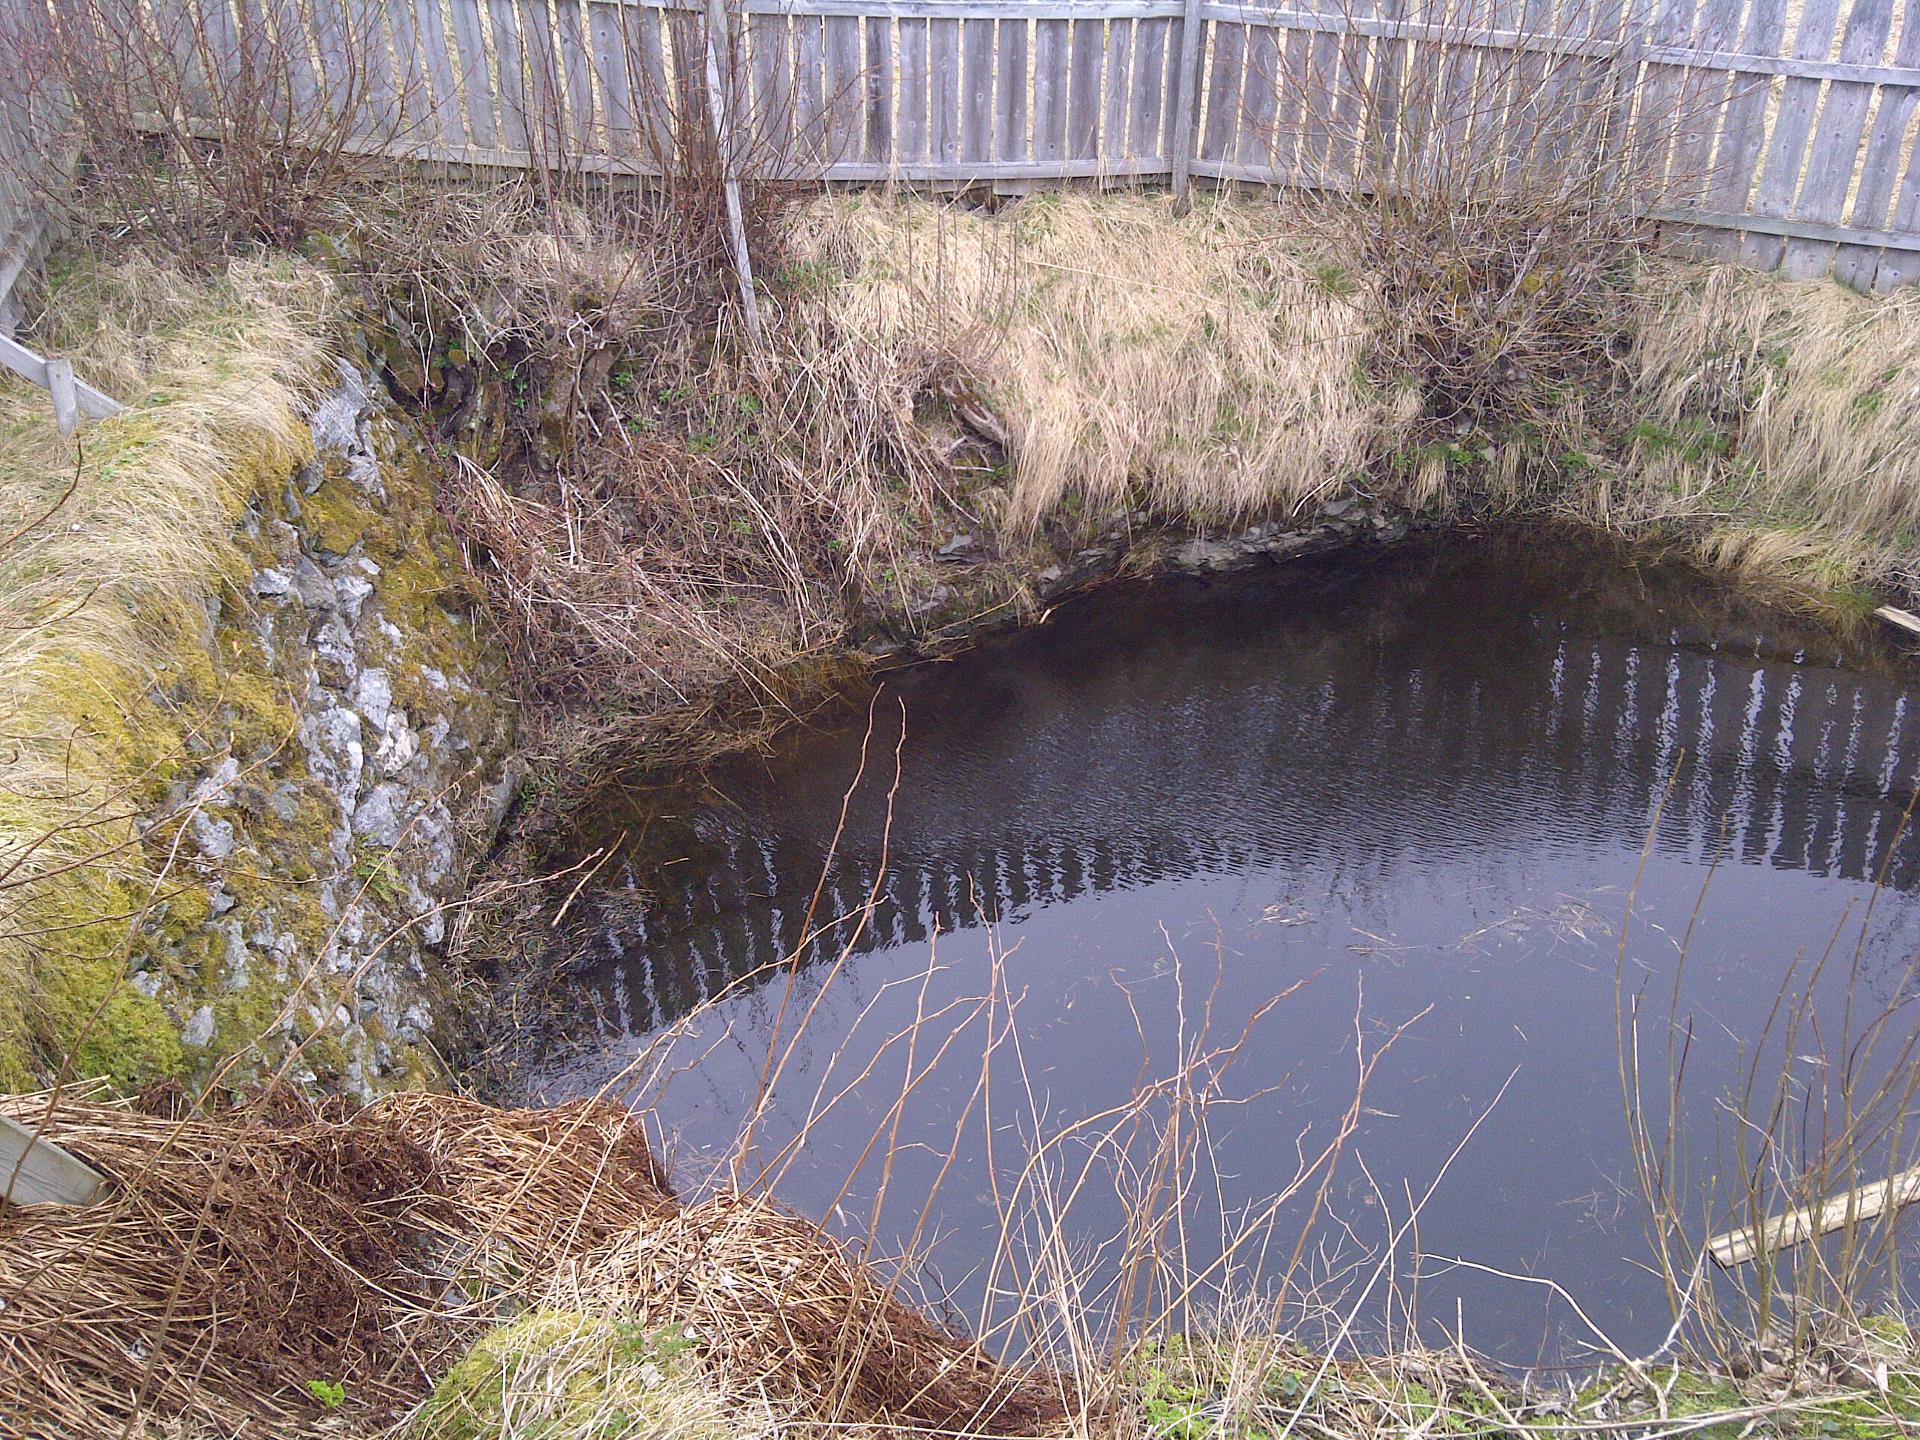 Bilde av brønnen hvor skjelettet fortsatt skal ligge. Foto: Karin Axelsen / Riksantikvaren.